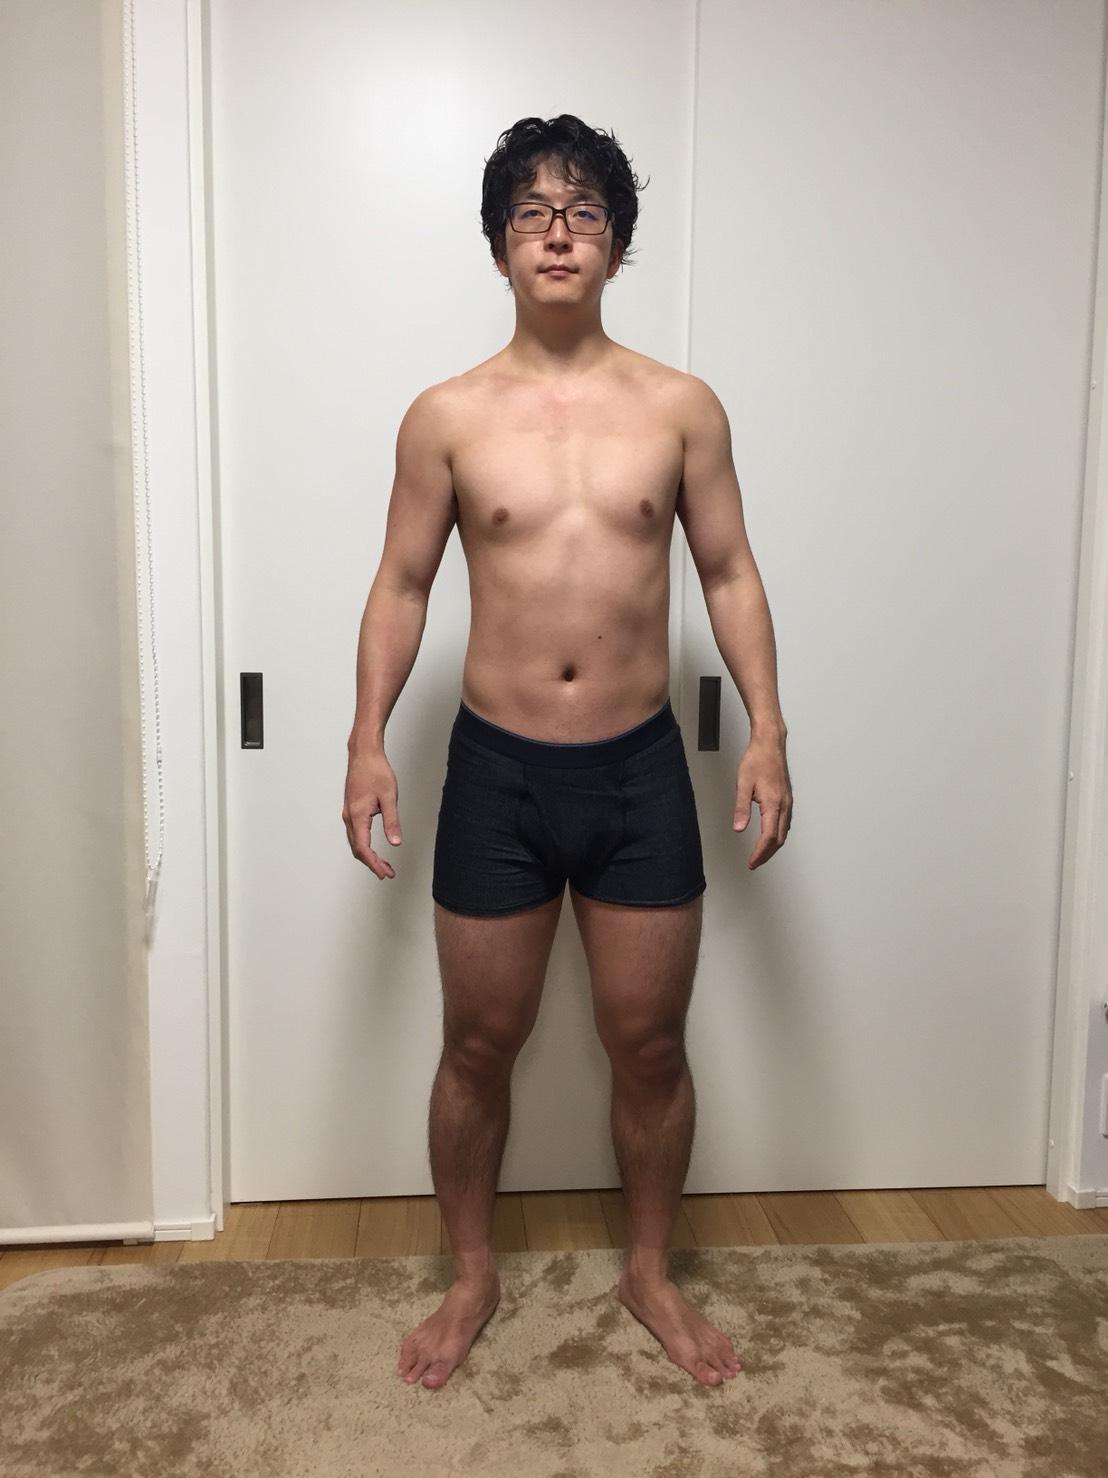 2018年4月18日:体重:78.95kg 体脂肪率:15.9%(スタートからの減り幅は体重:-2.4kg、体脂肪率:-1.4%)の正面からの様子